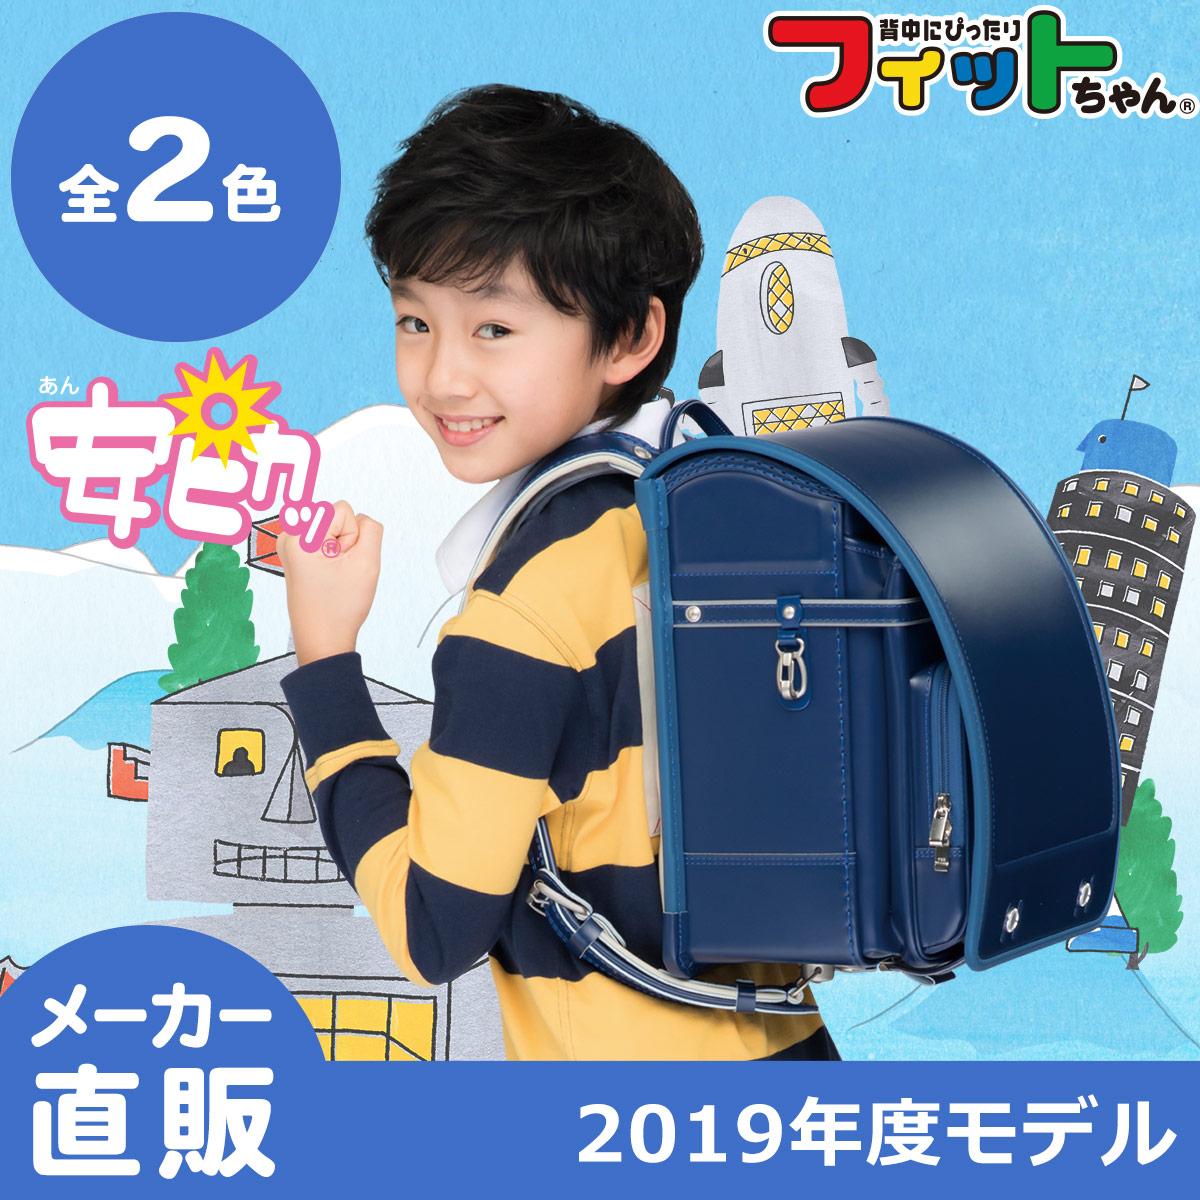 ランドセル フィットちゃん 男の子 タフボーイDX(FIT-230AZ)2019年モデル プレミアムフィットちゃんランドセルA4フラットファイル収納サイズ